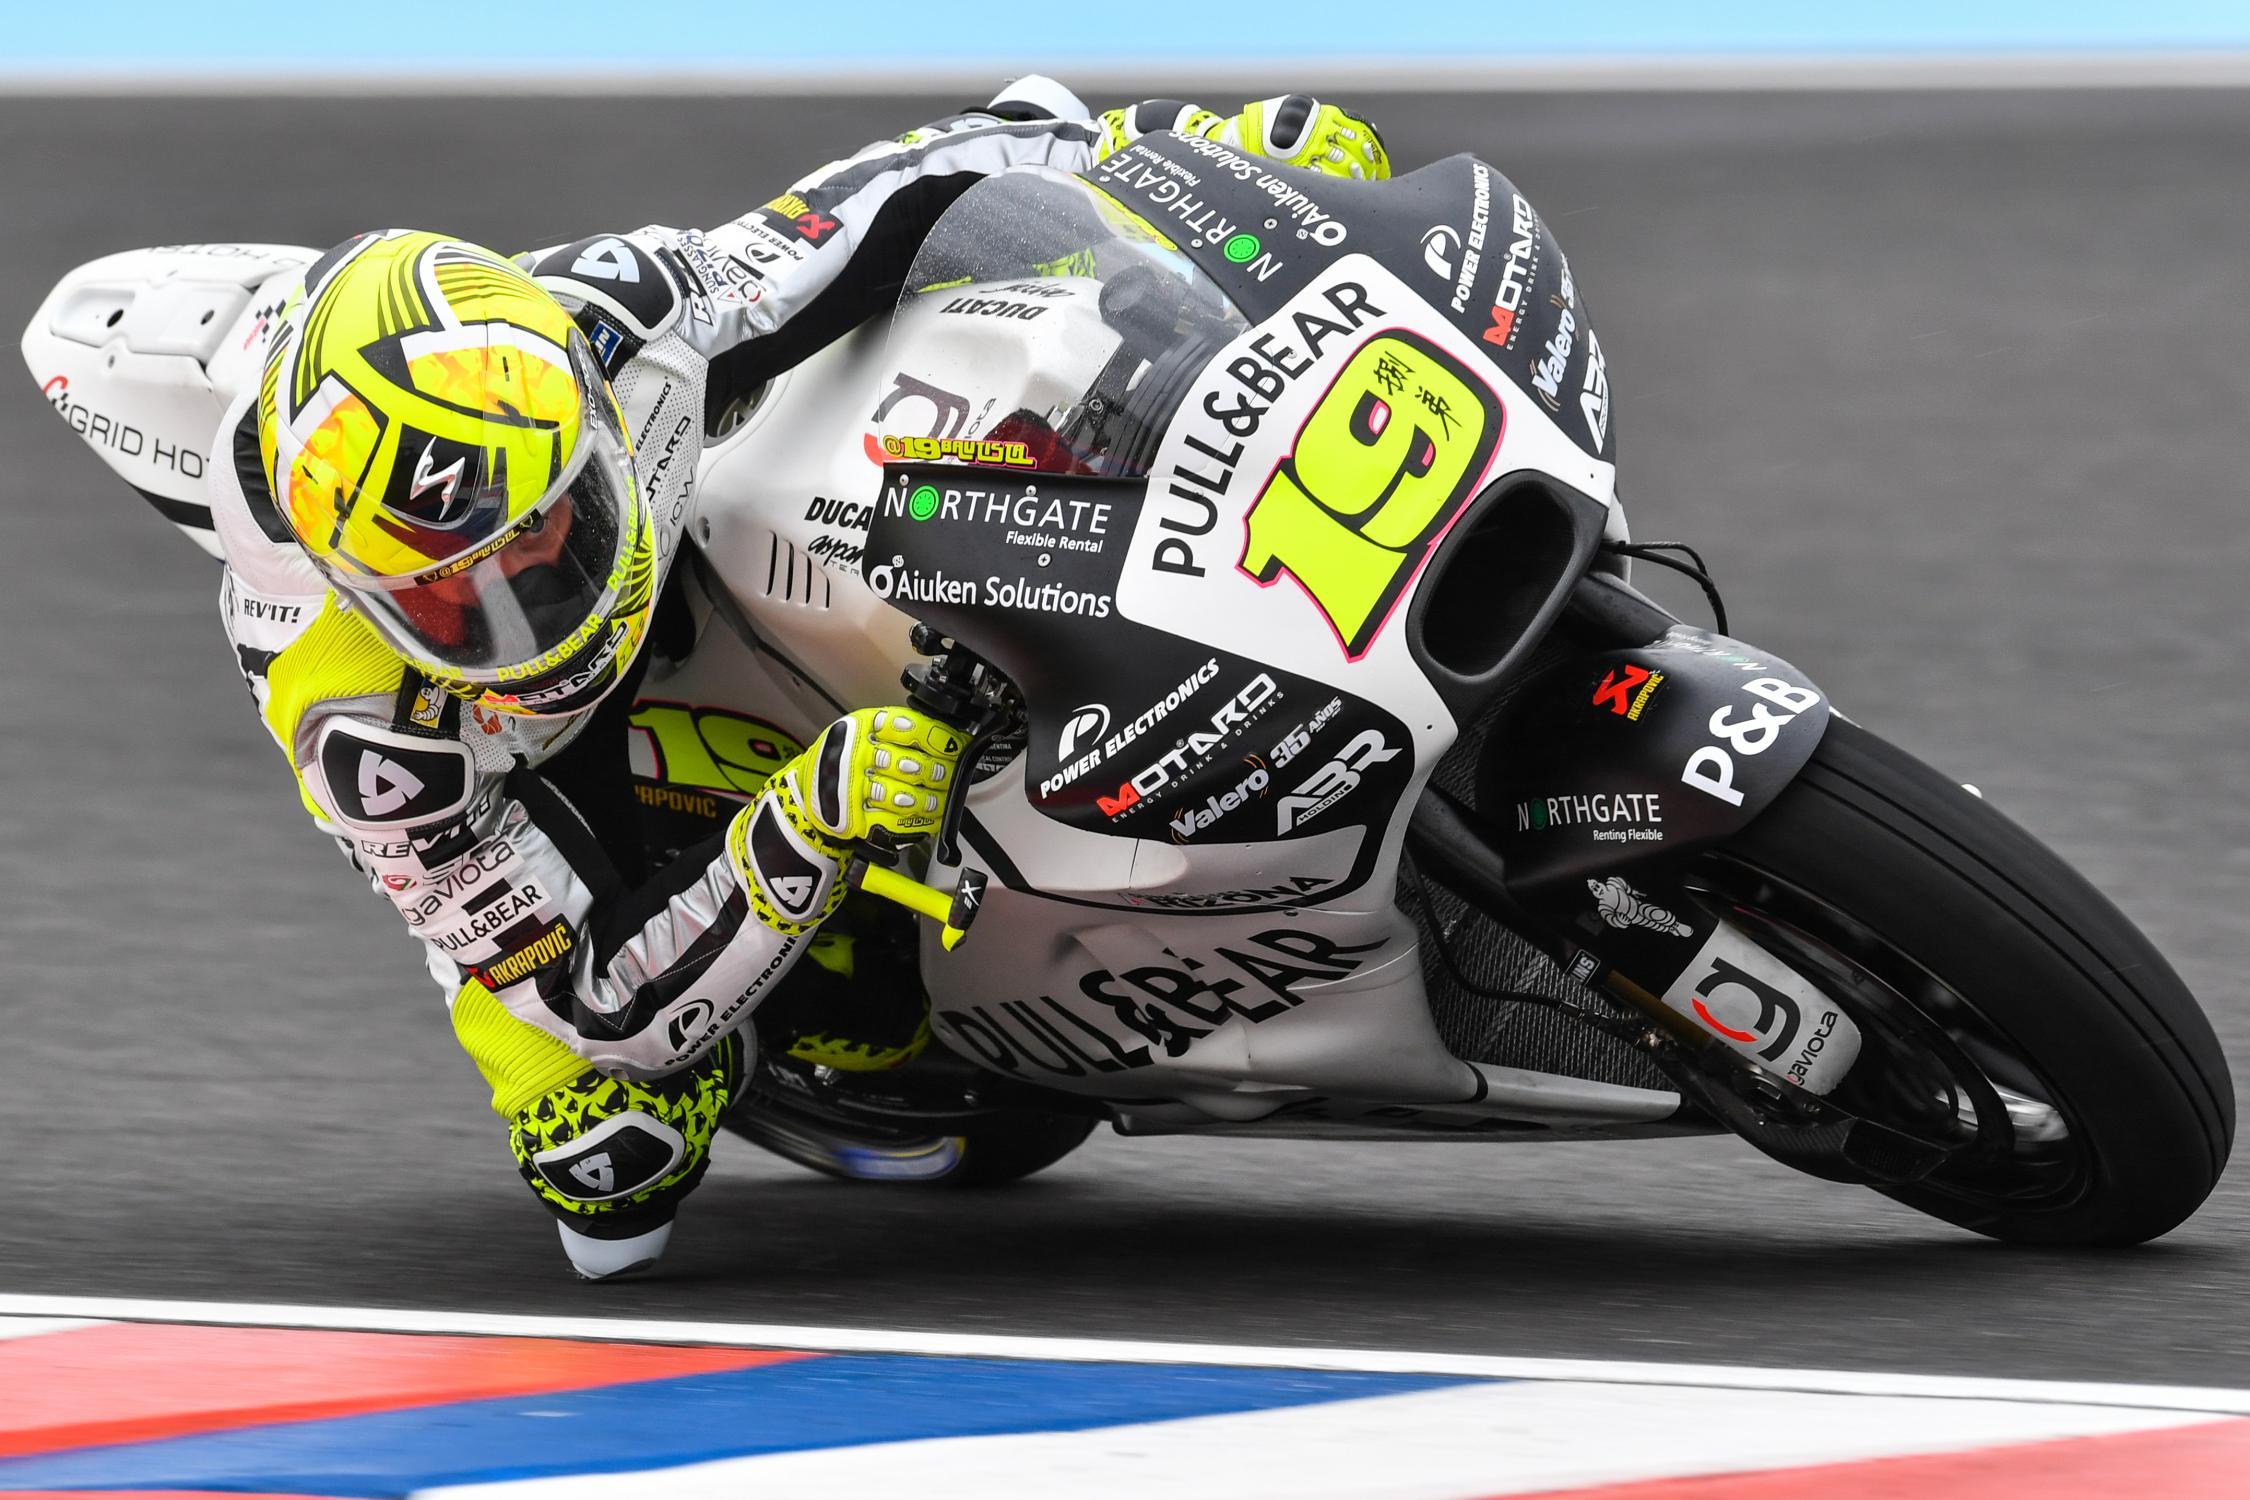 [MotoGP] Argentine 19-alvaro-bautista-esplg5_6562.gallery_full_top_fullscreen